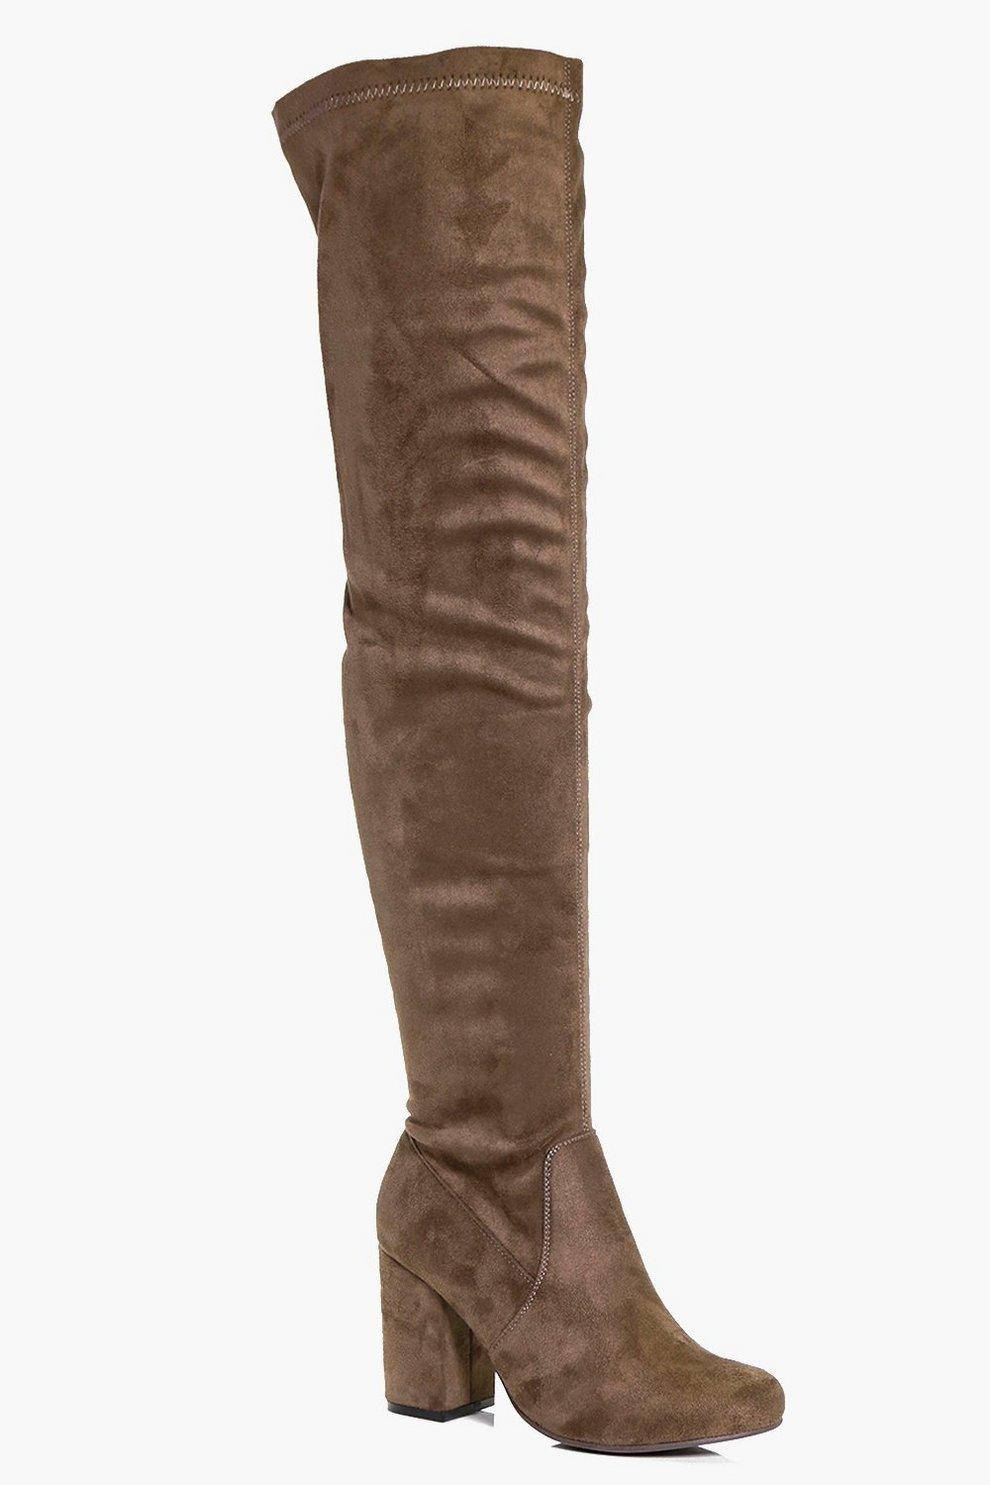 22a6e3356fc3 Womens Block Heel Thigh High Boots